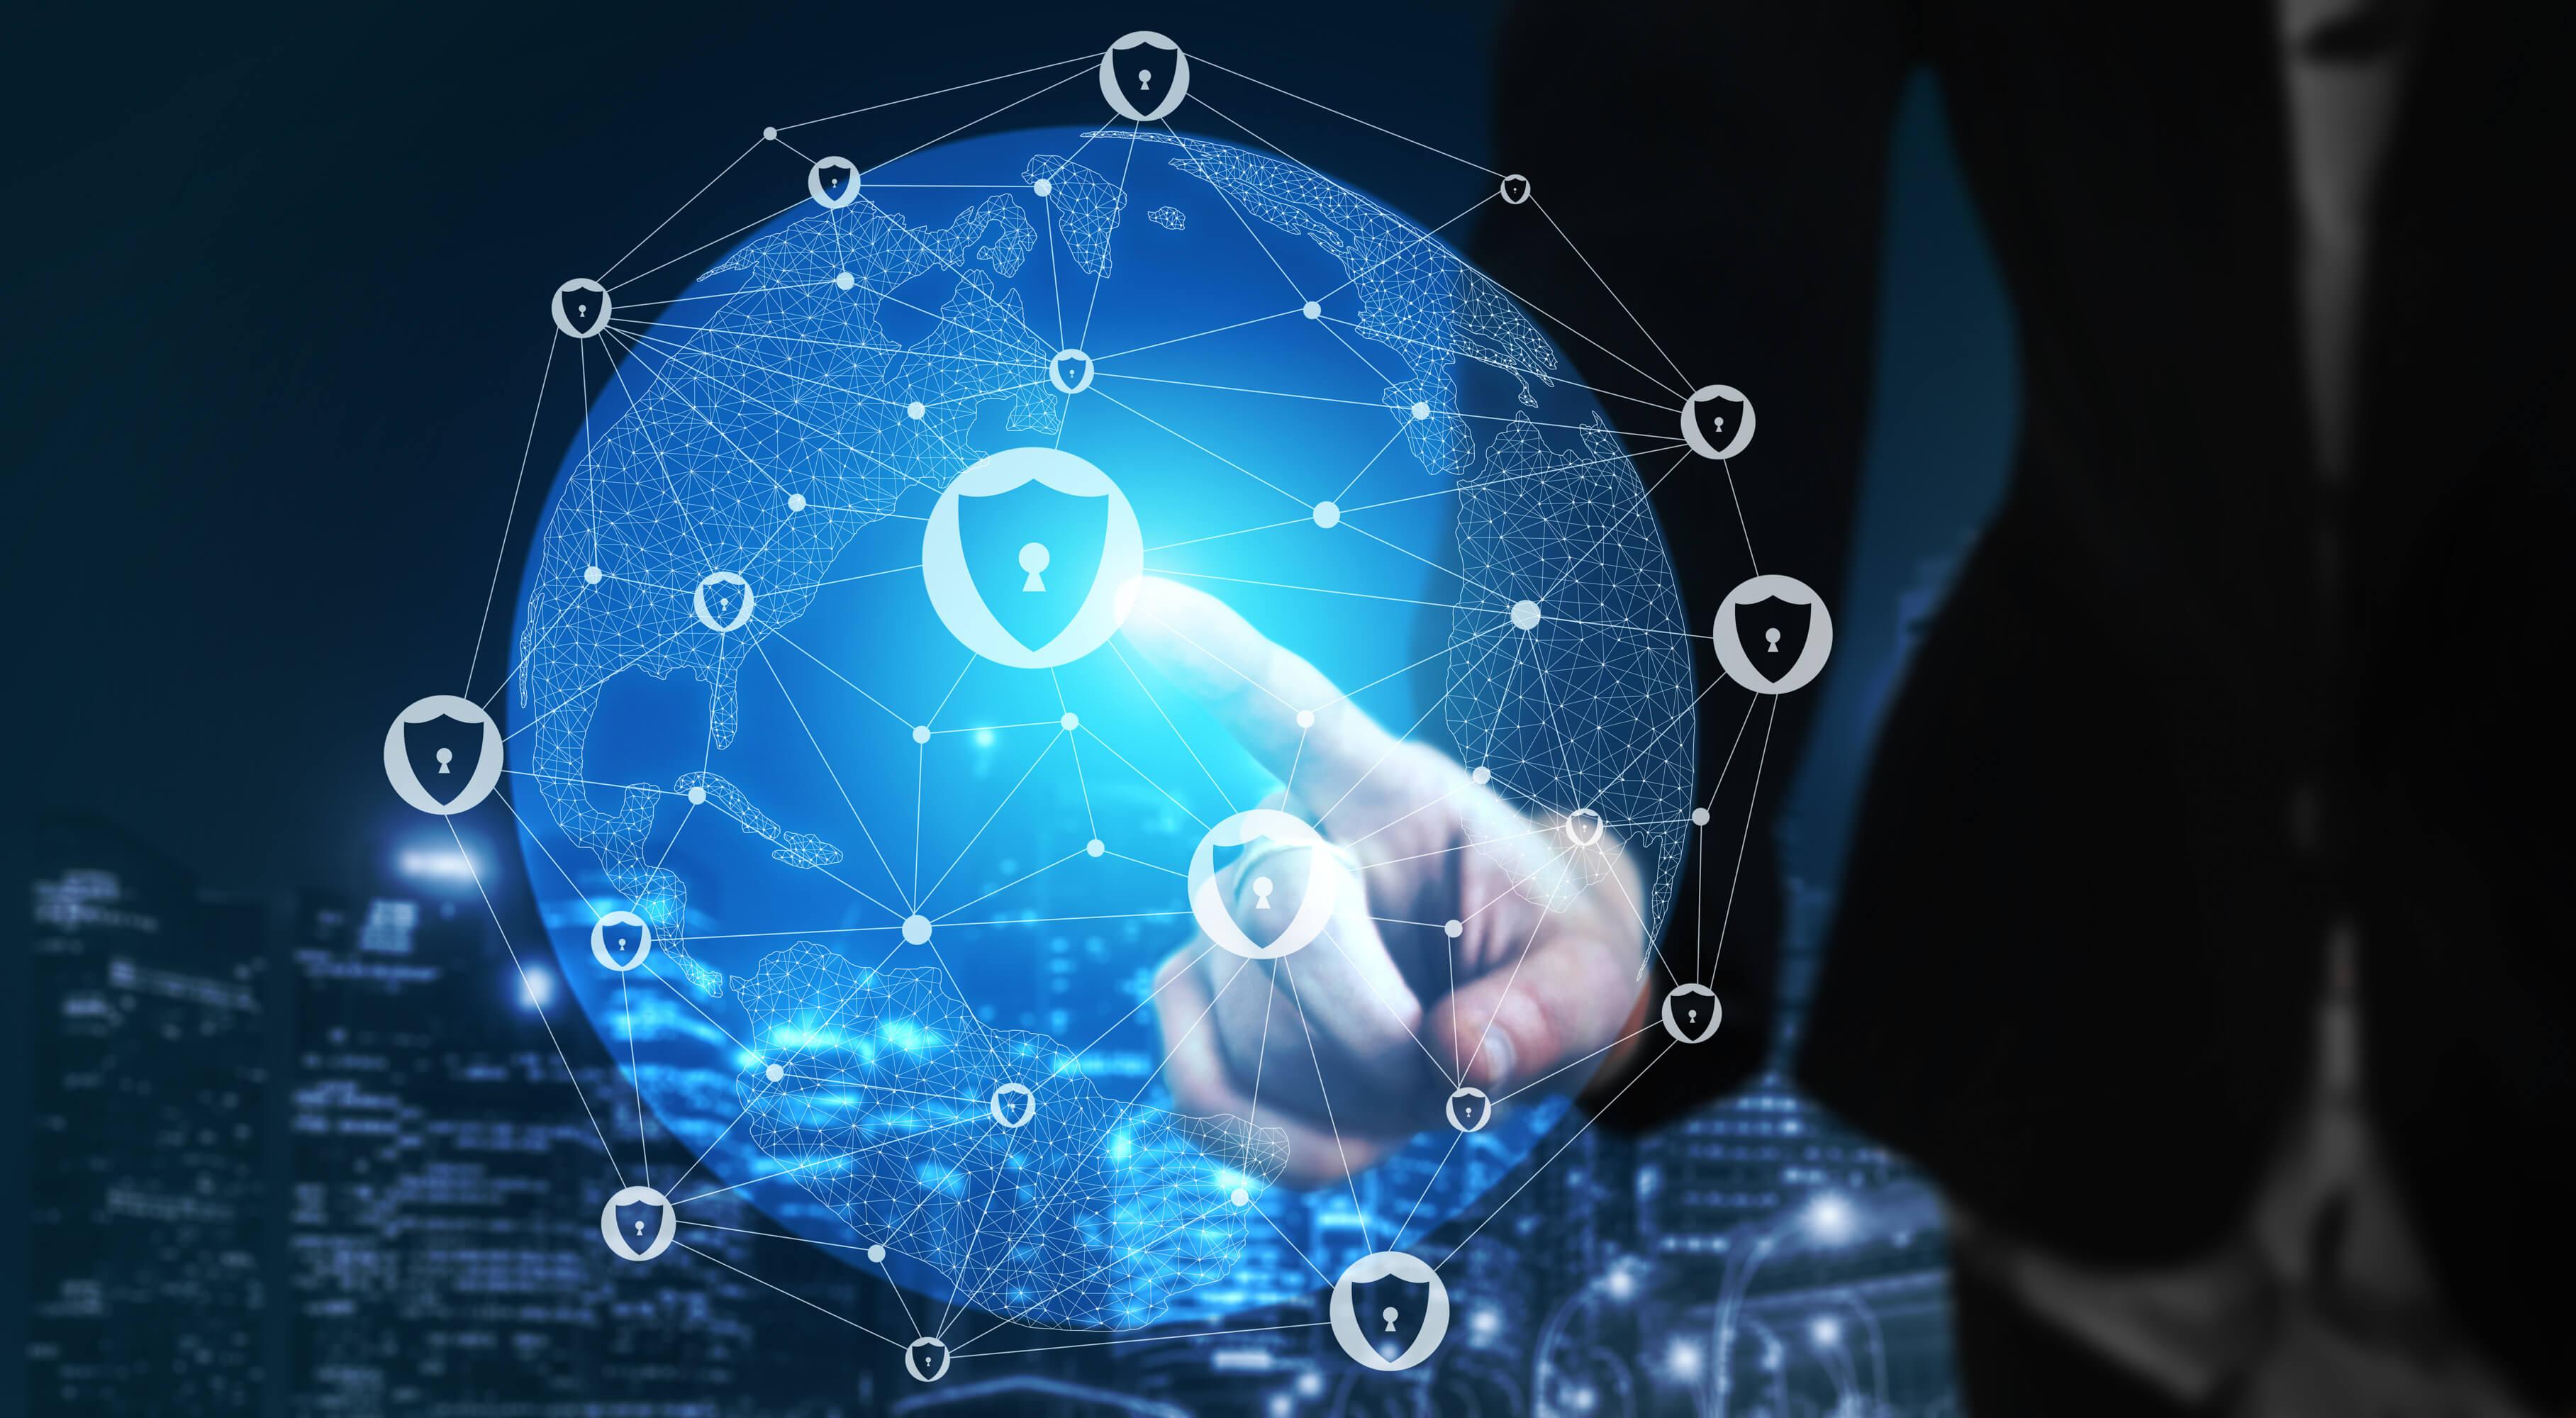 ¿Cómo-implementar-Ciberseguridad?